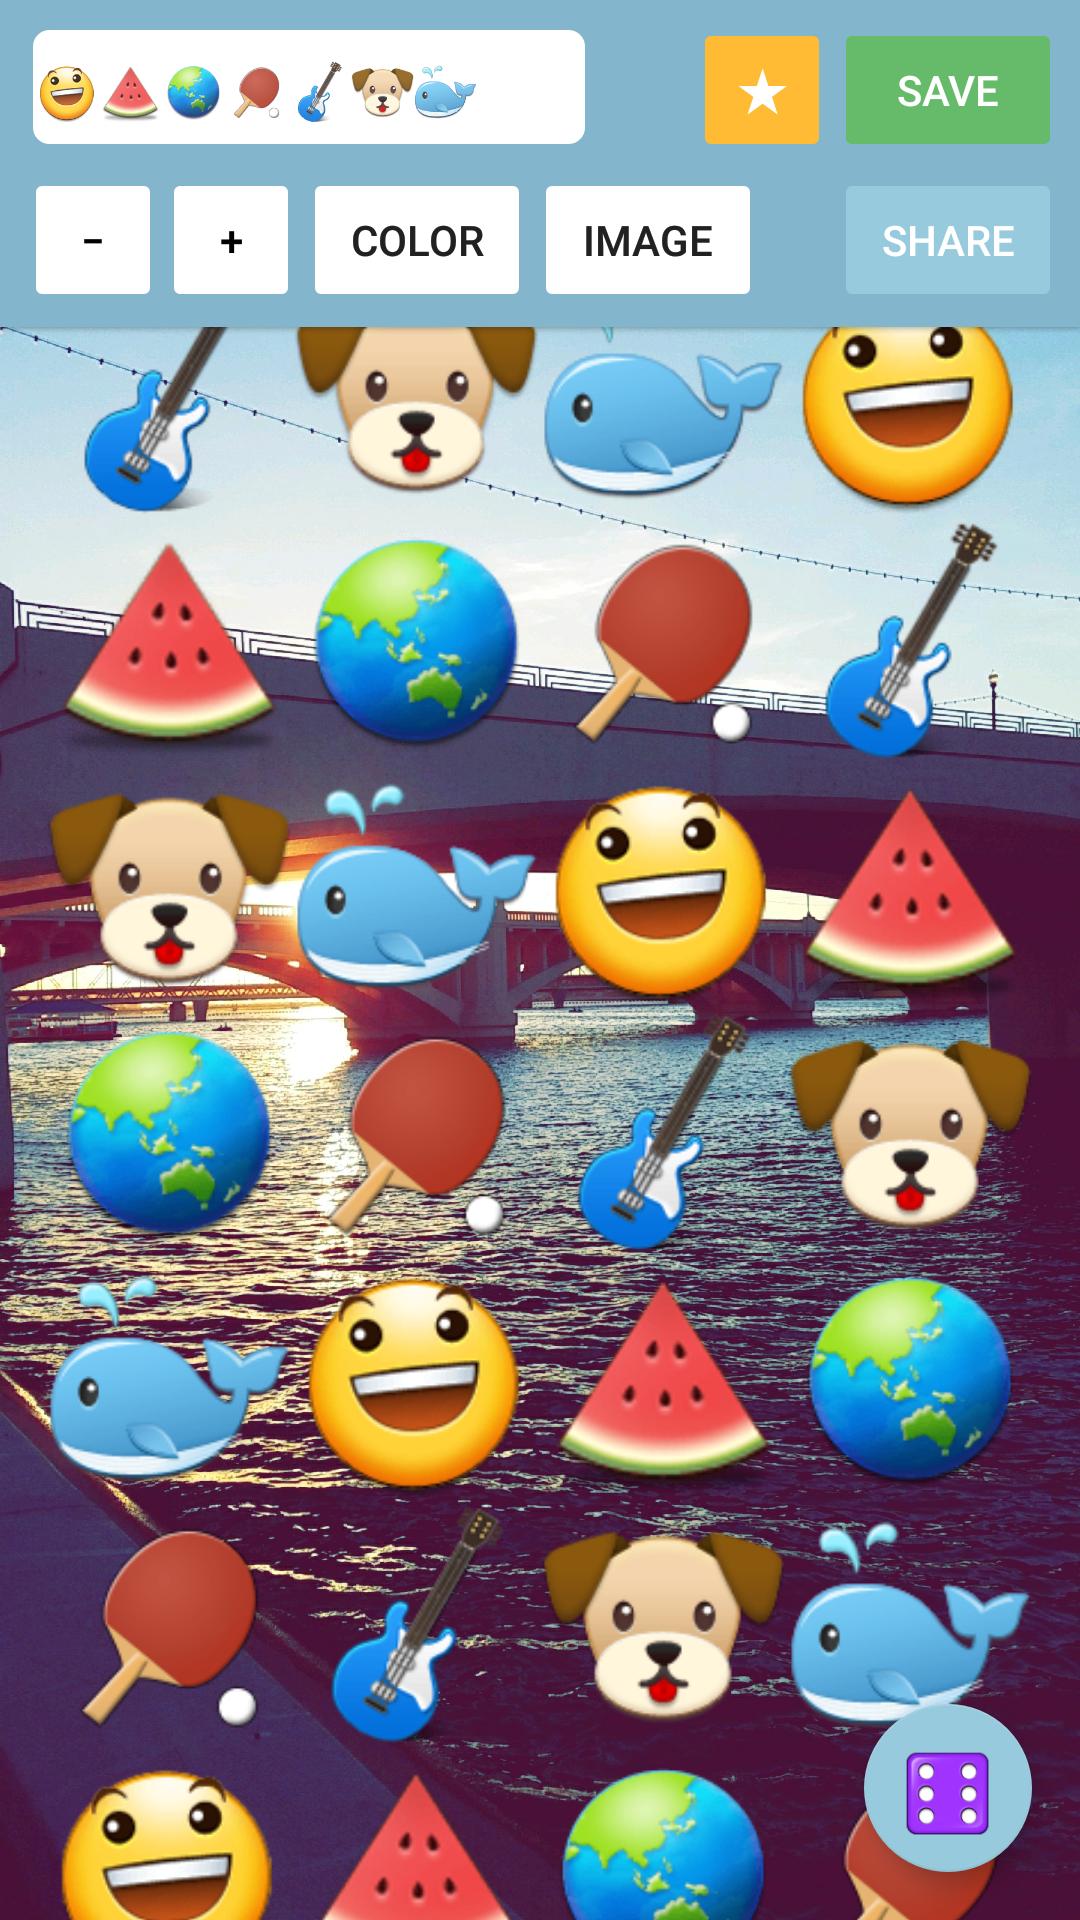 Made on Android Emoji wallpaper, Wallpaper maker app